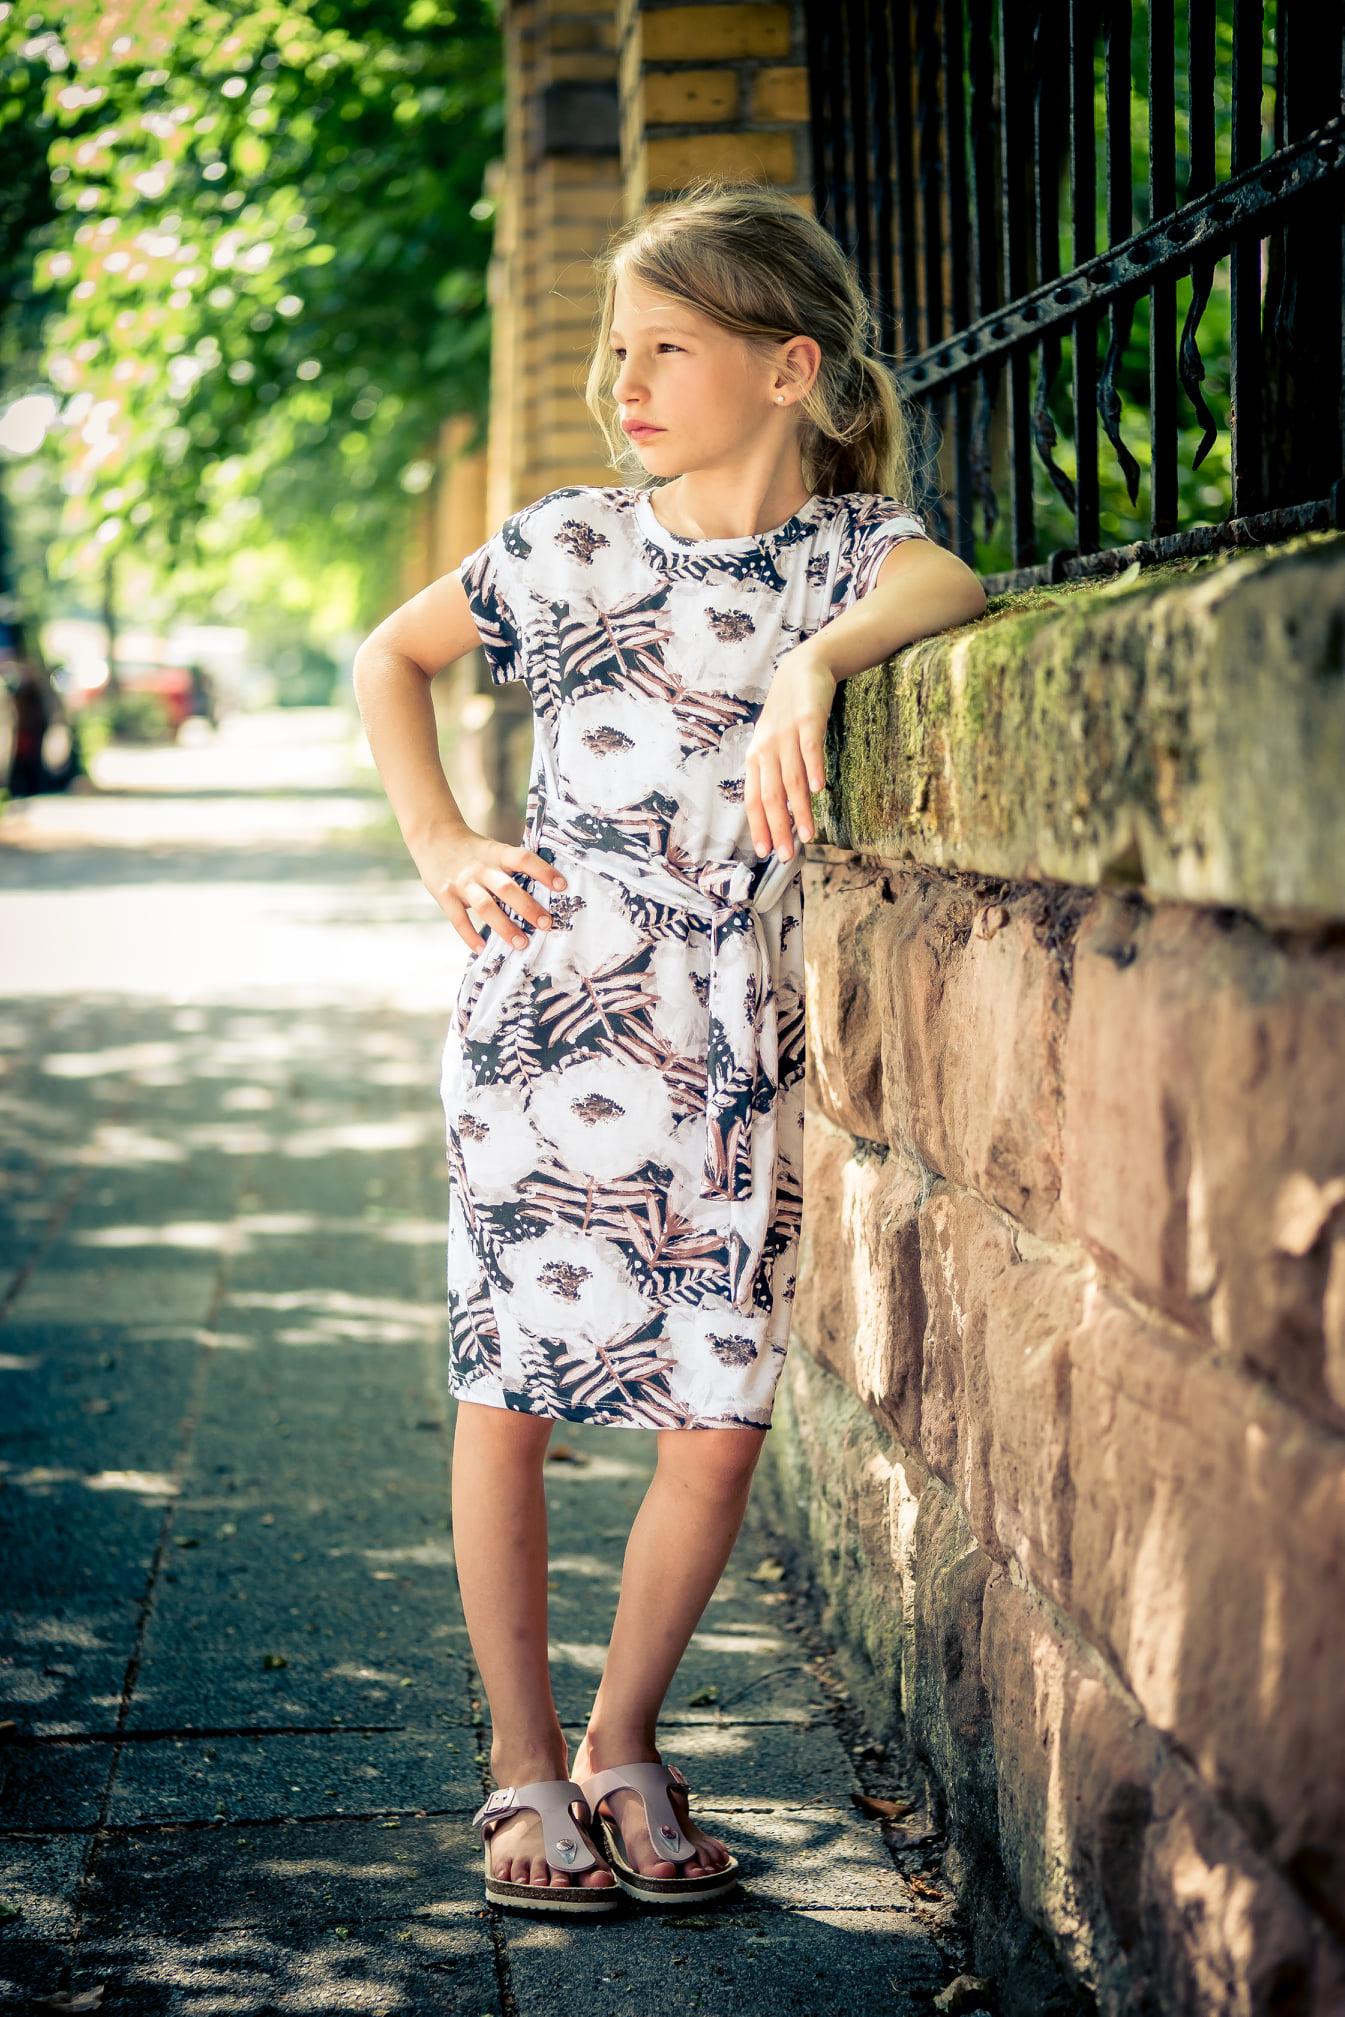 deine Siena - Jerseykleid - Mädchen - Schnittmuster - Nähanleitung - meine Herzenswelt